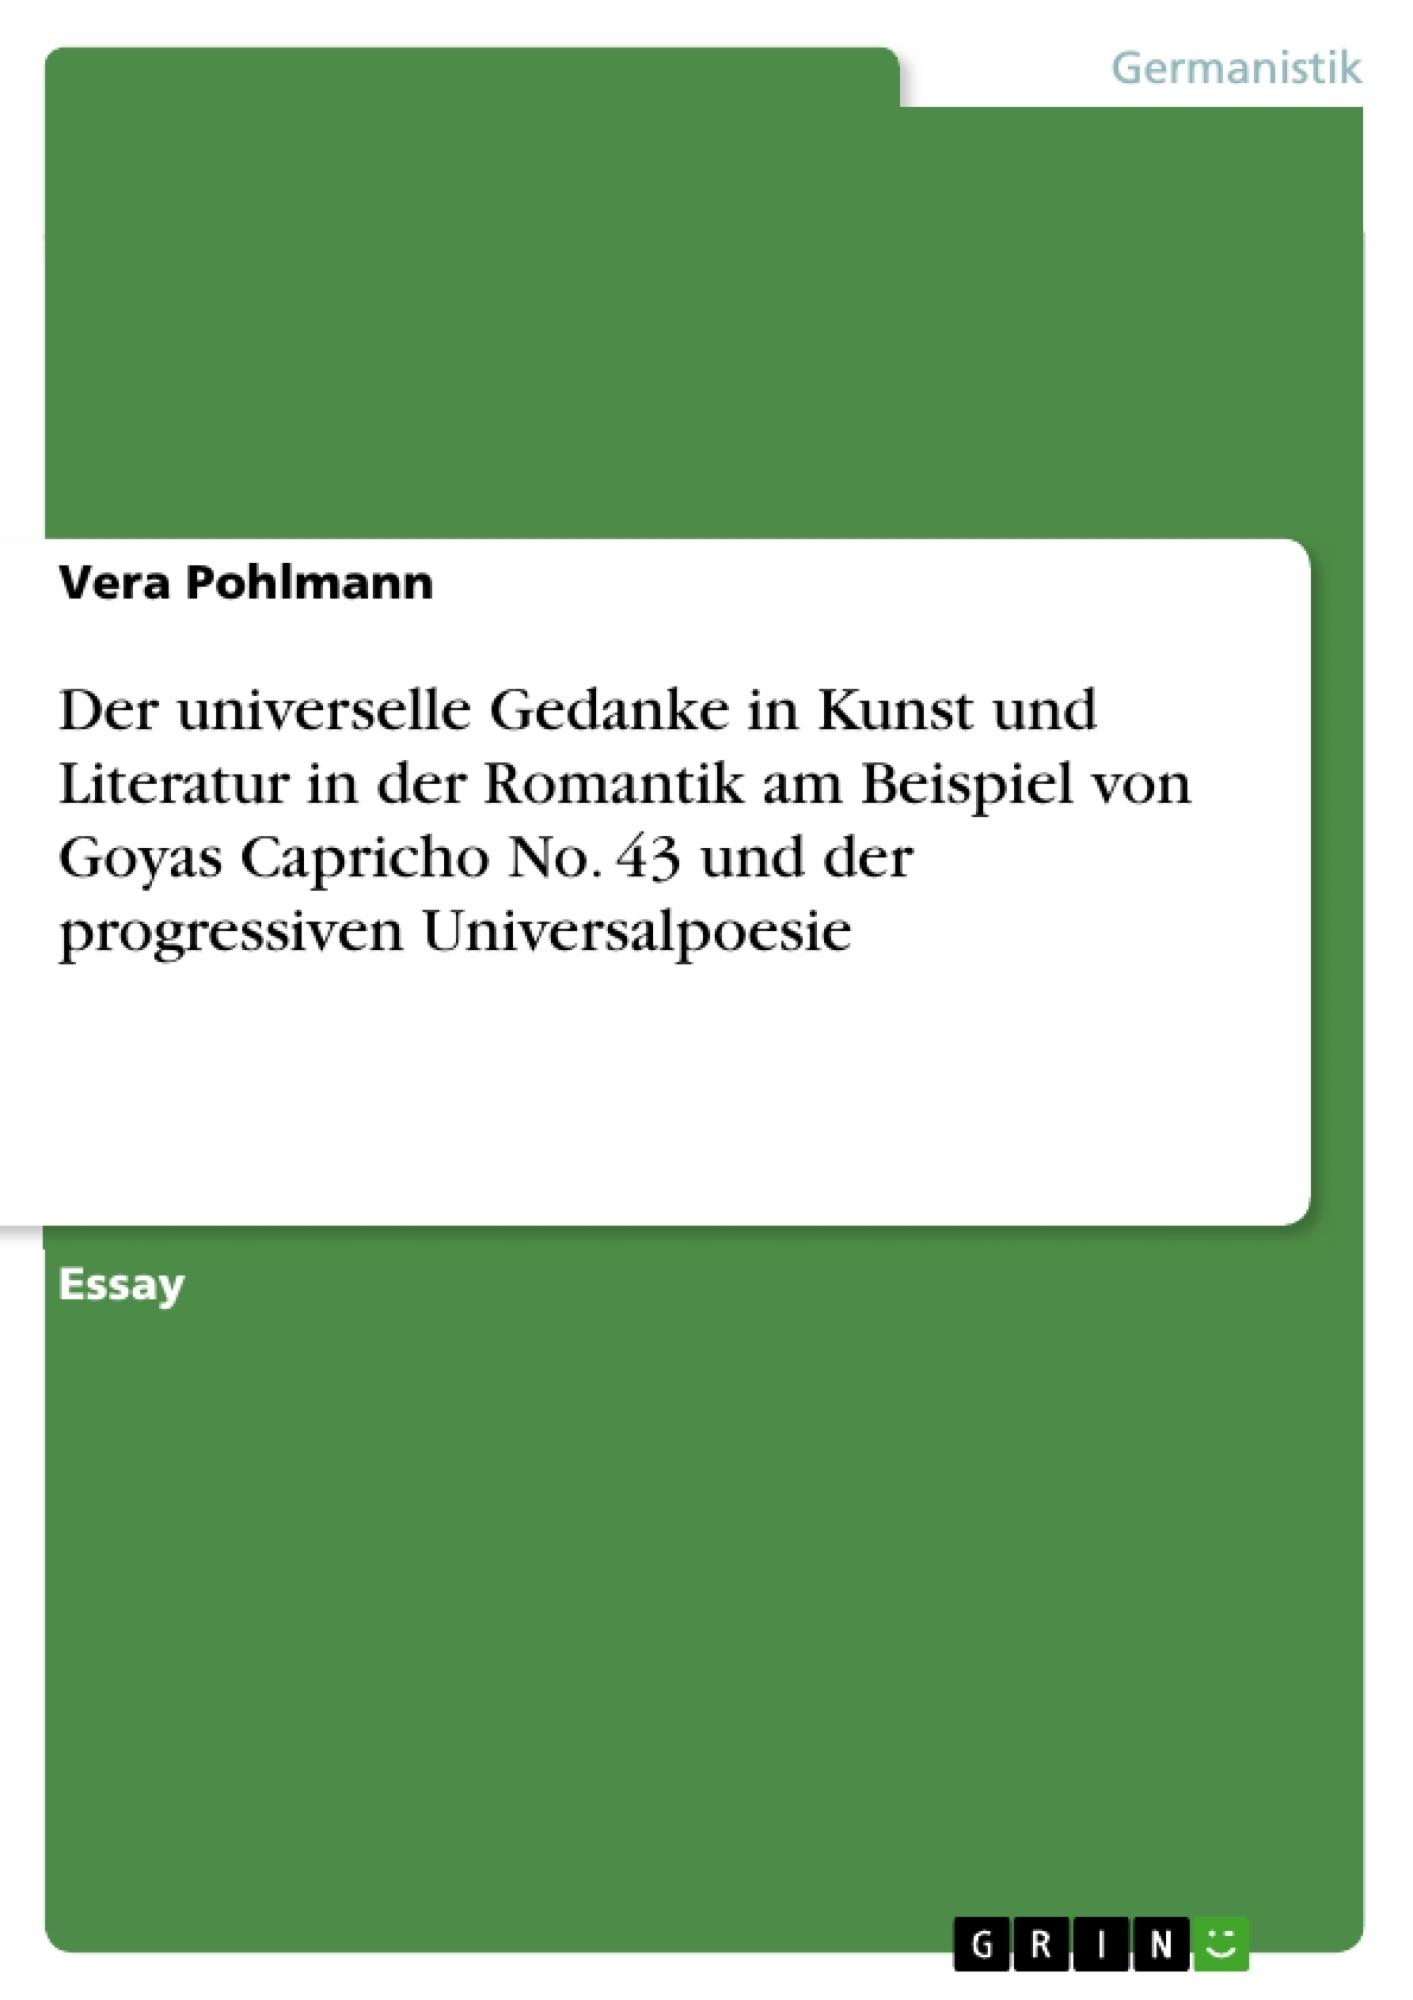 Titel: Der universelle Gedanke in Kunst und Literatur in der Romantik am Beispiel von Goyas Capricho No. 43 und der progressiven Universalpoesie